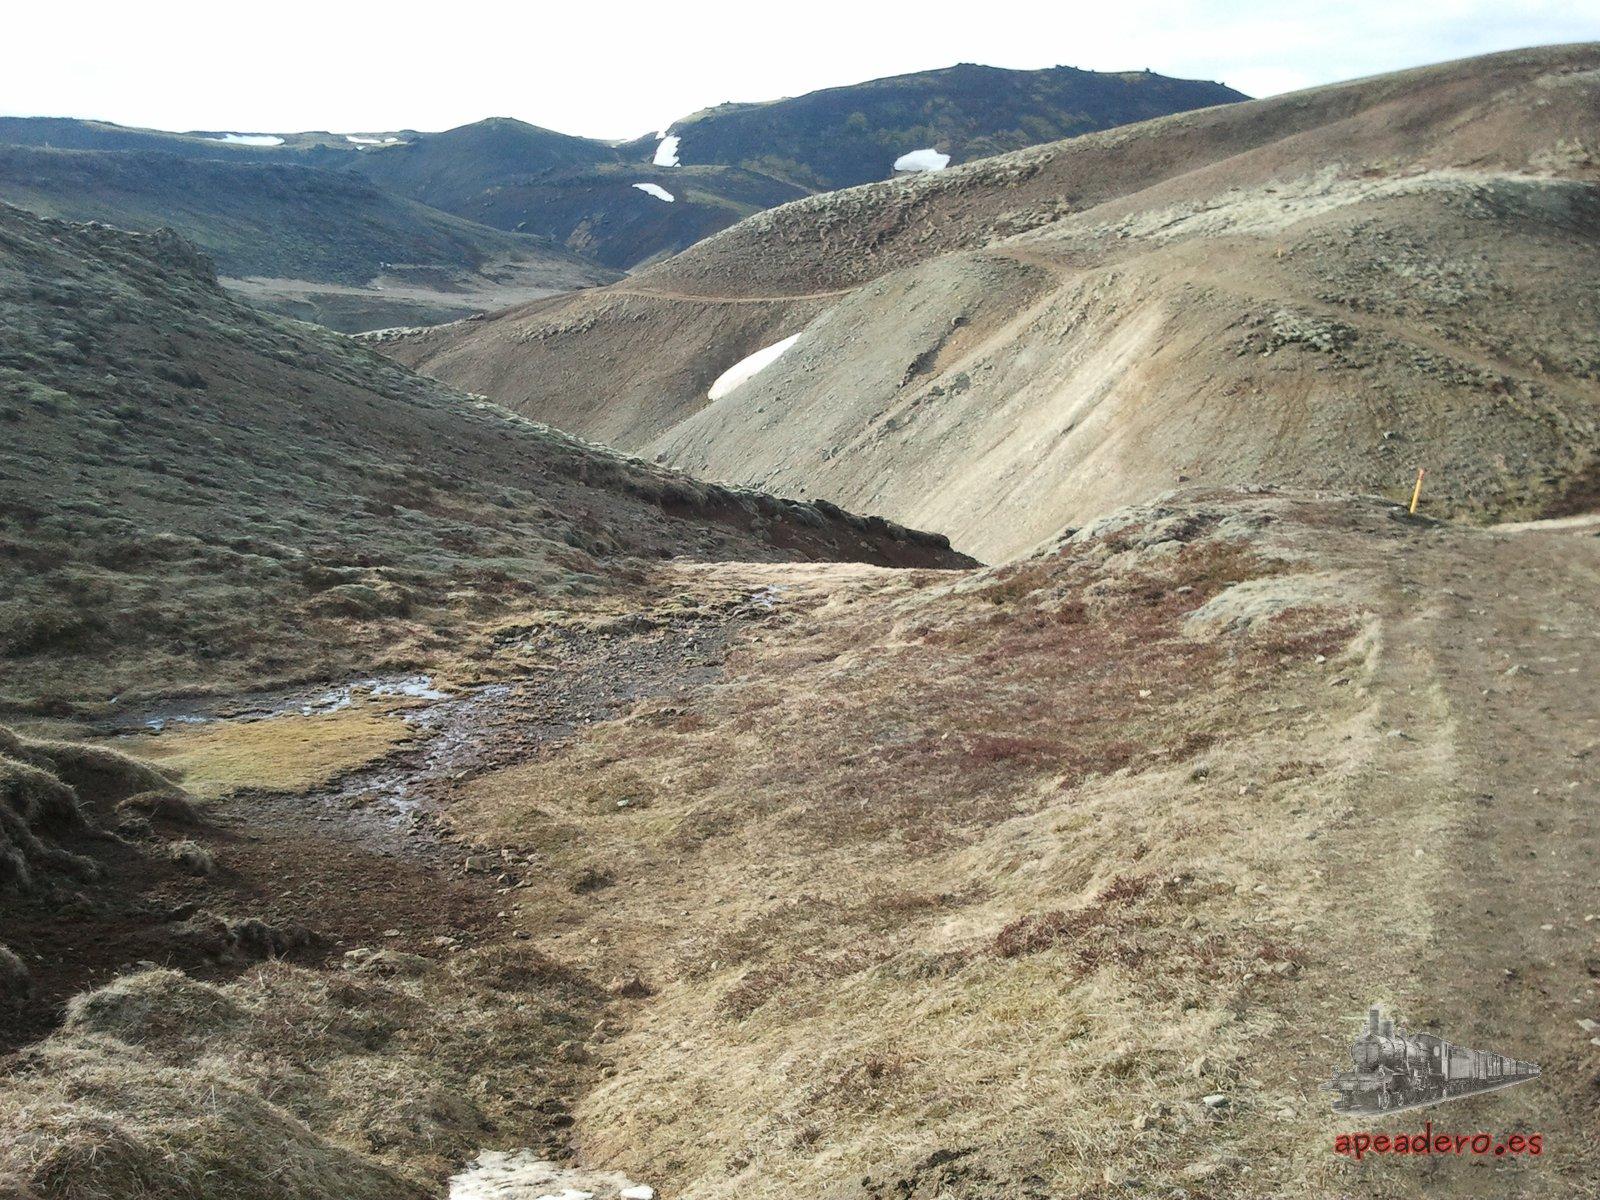 El sendero de Reykjadalur es bonito en sí mismo, primero sube una montaña para mantenerse en la parte alta de un cañón al que luego se descenderá.